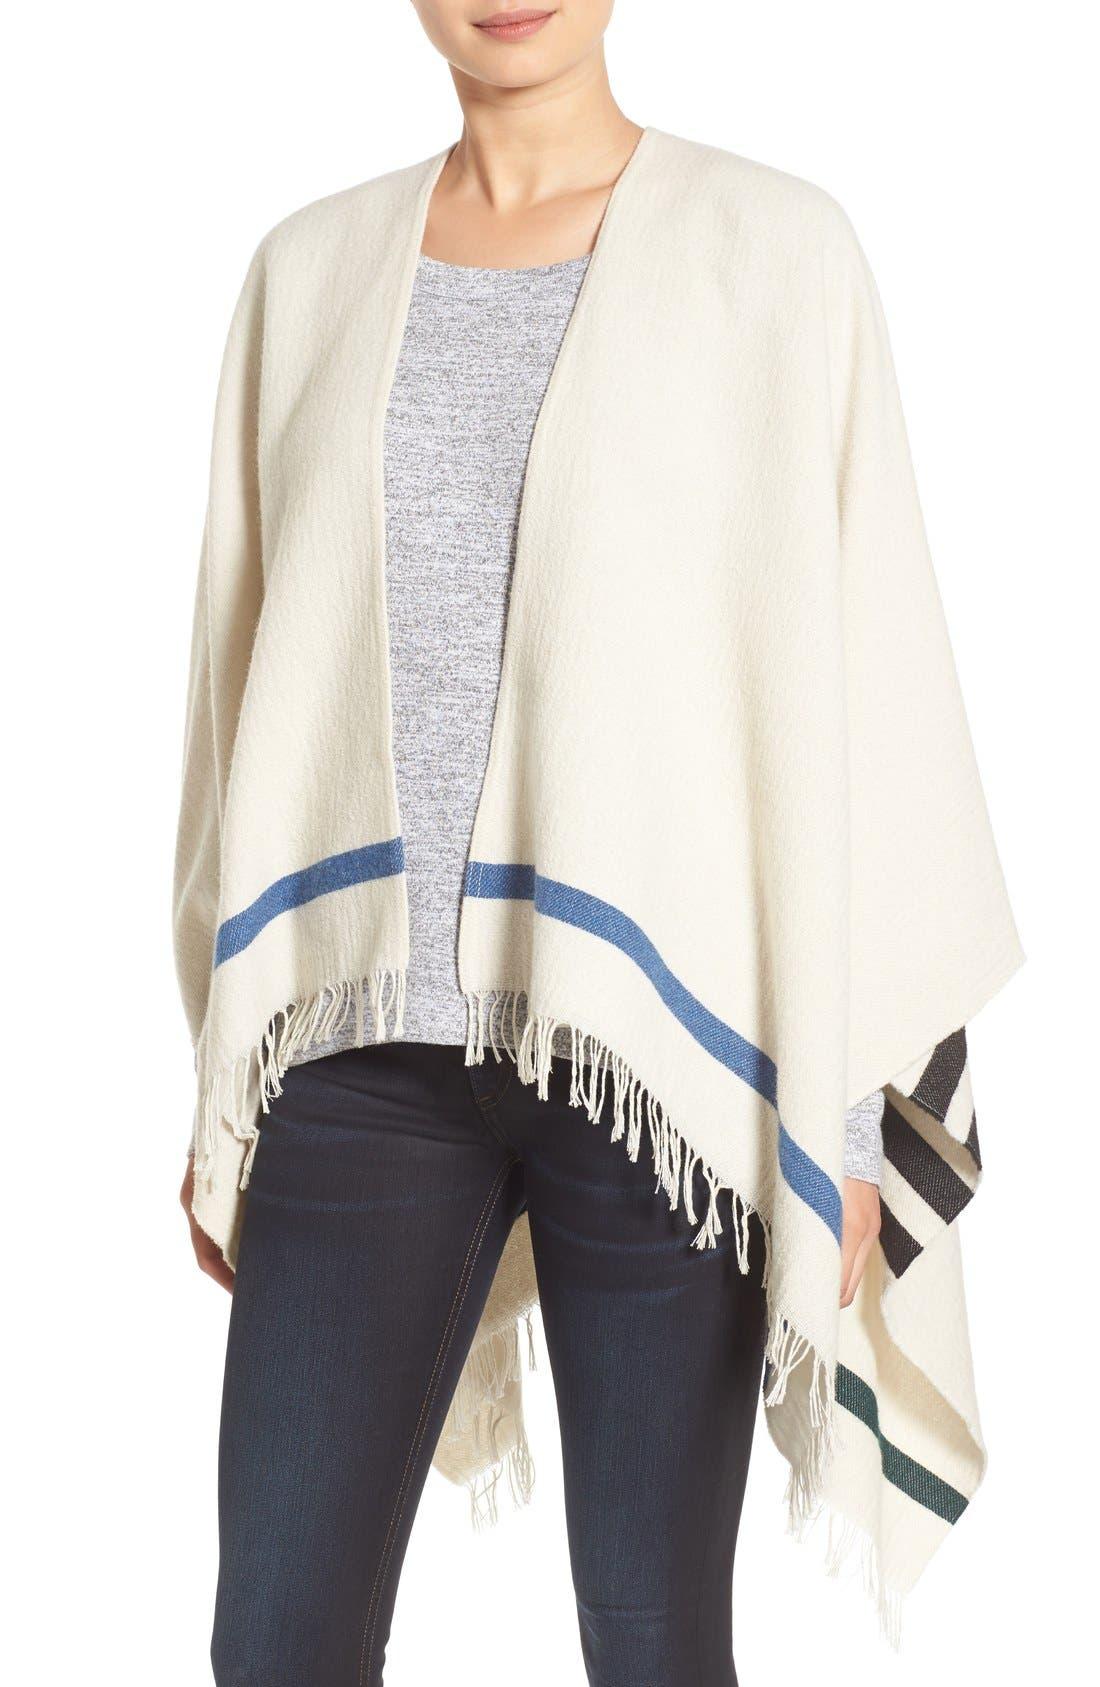 Alternate Image 1 Selected - rag & bone 'Ines' Stripe Wool Blend Poncho